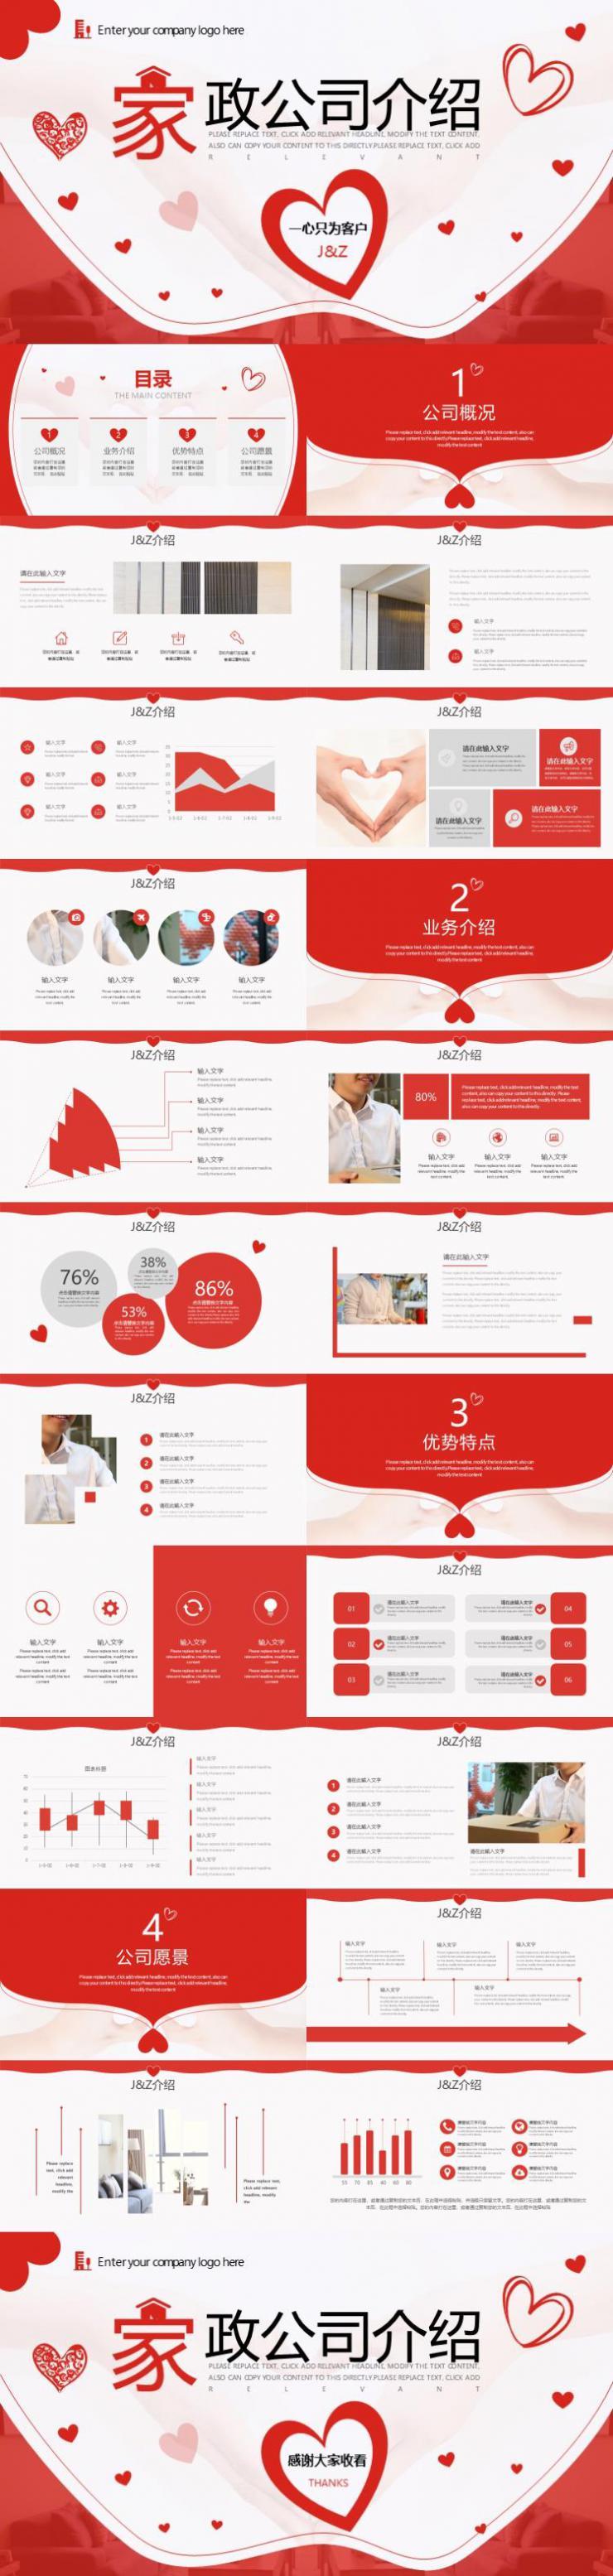 家政公司企业宣传公司介绍模板